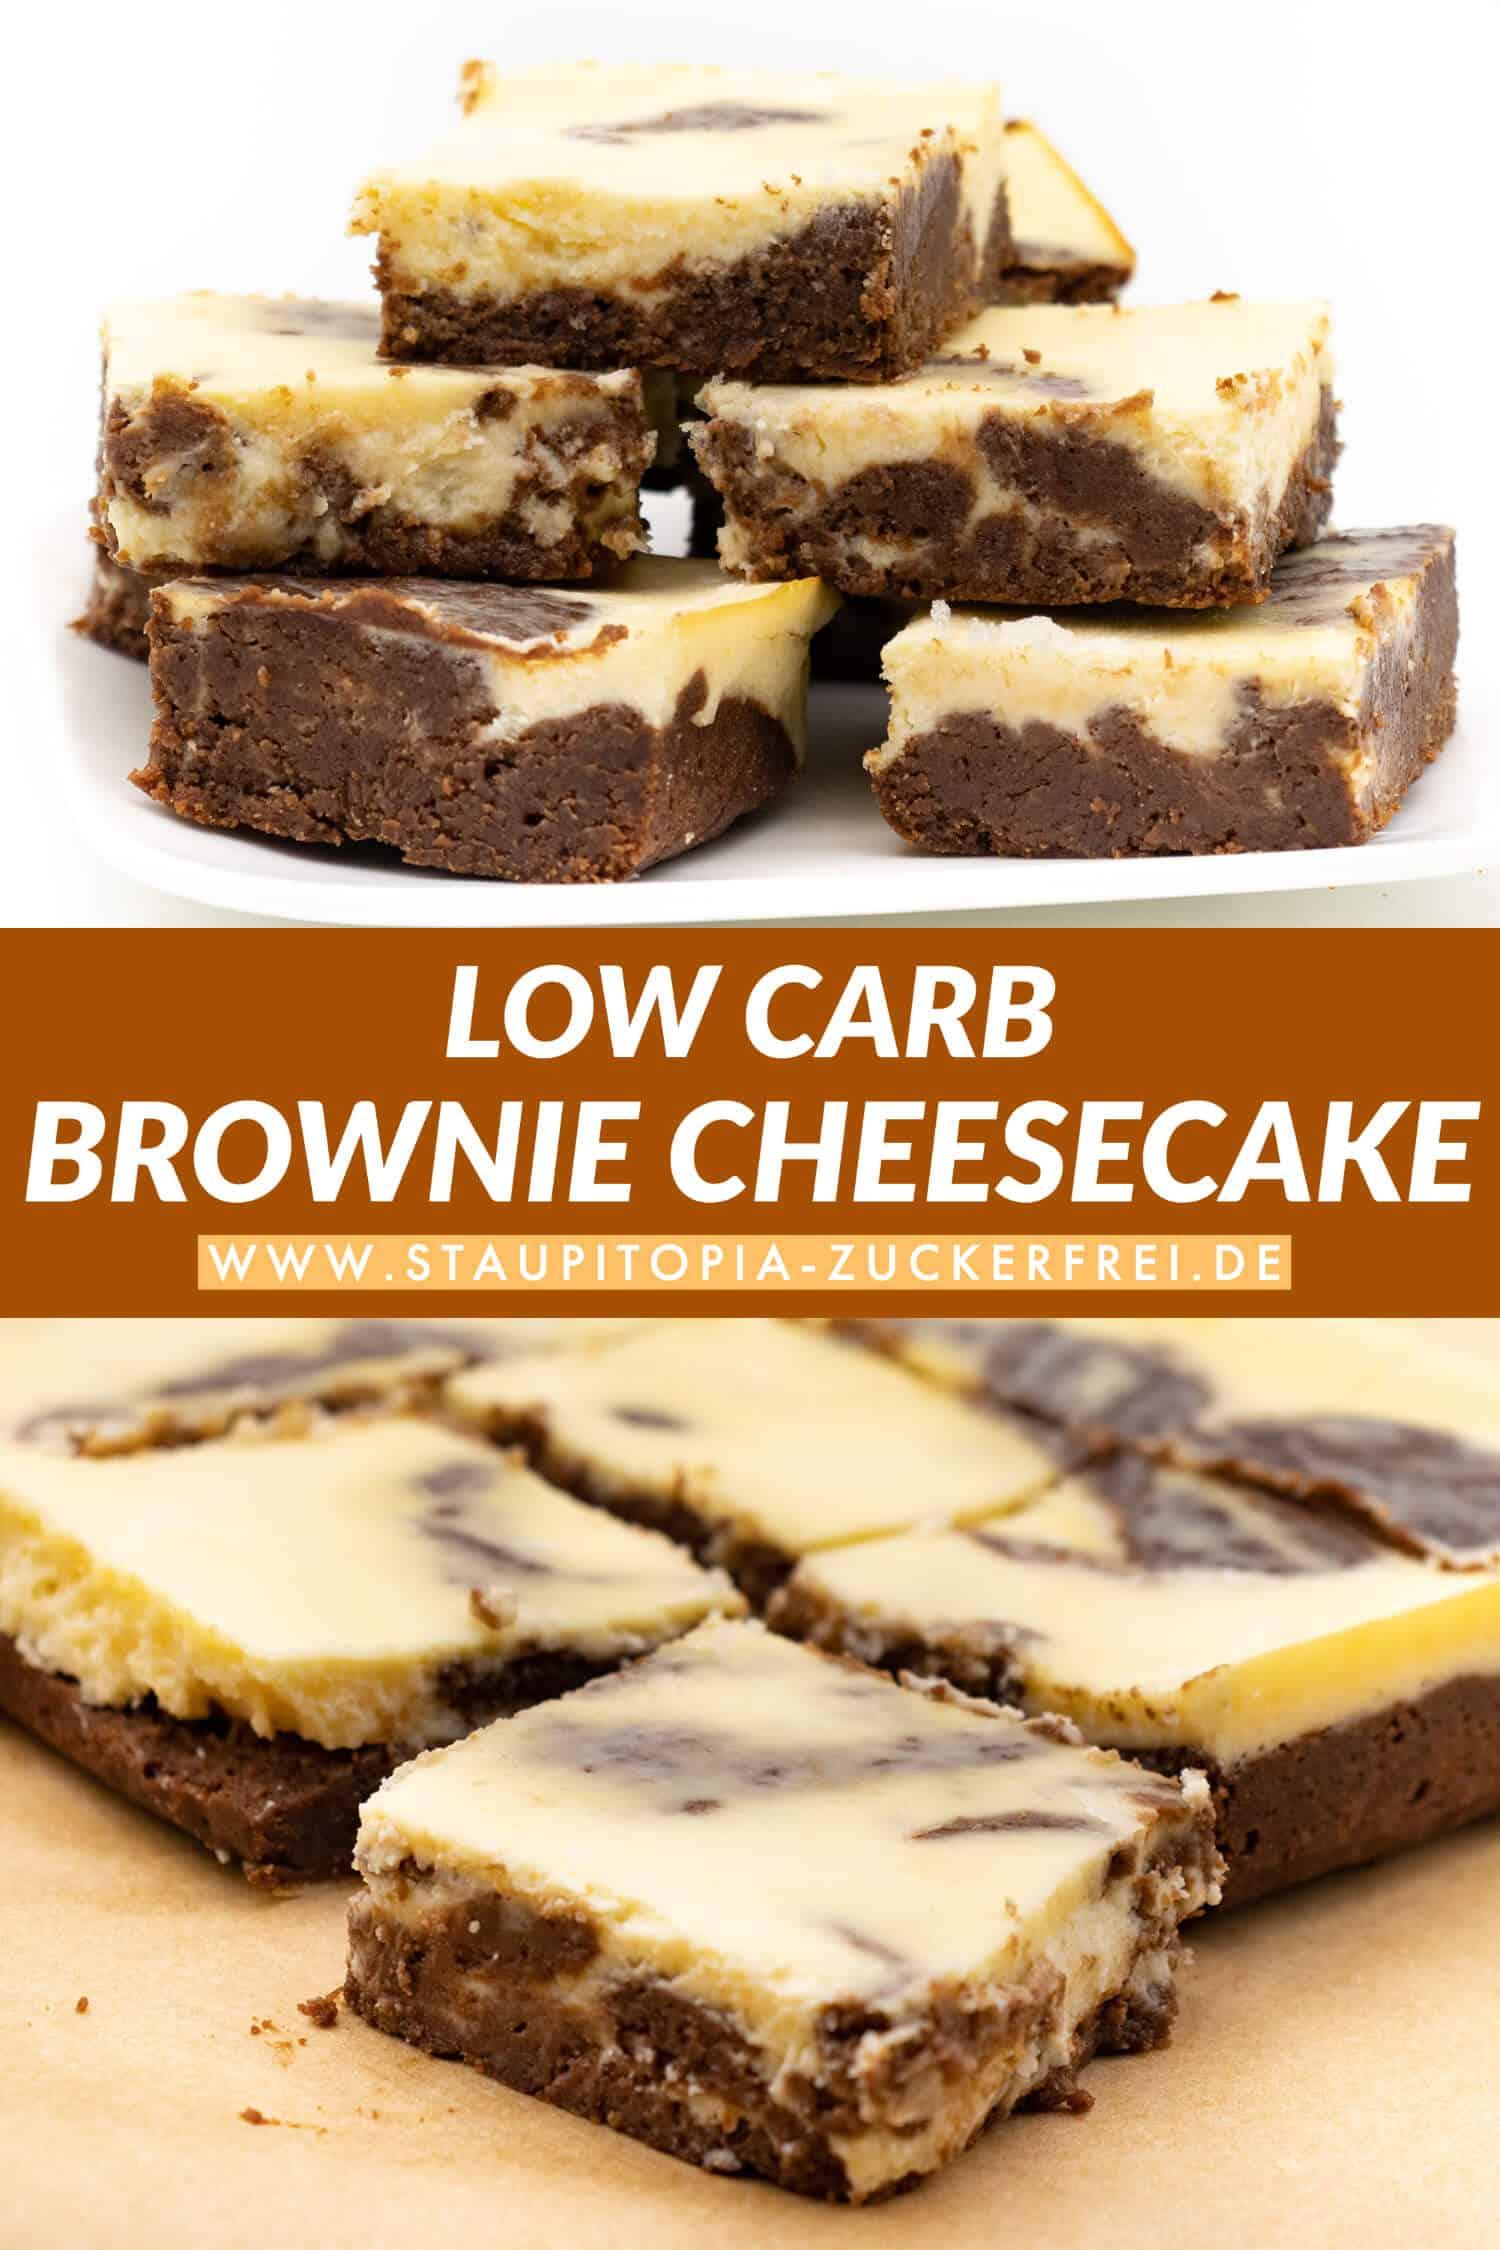 Low Carb Brownie Cheesecake ohne Zucker selber machen